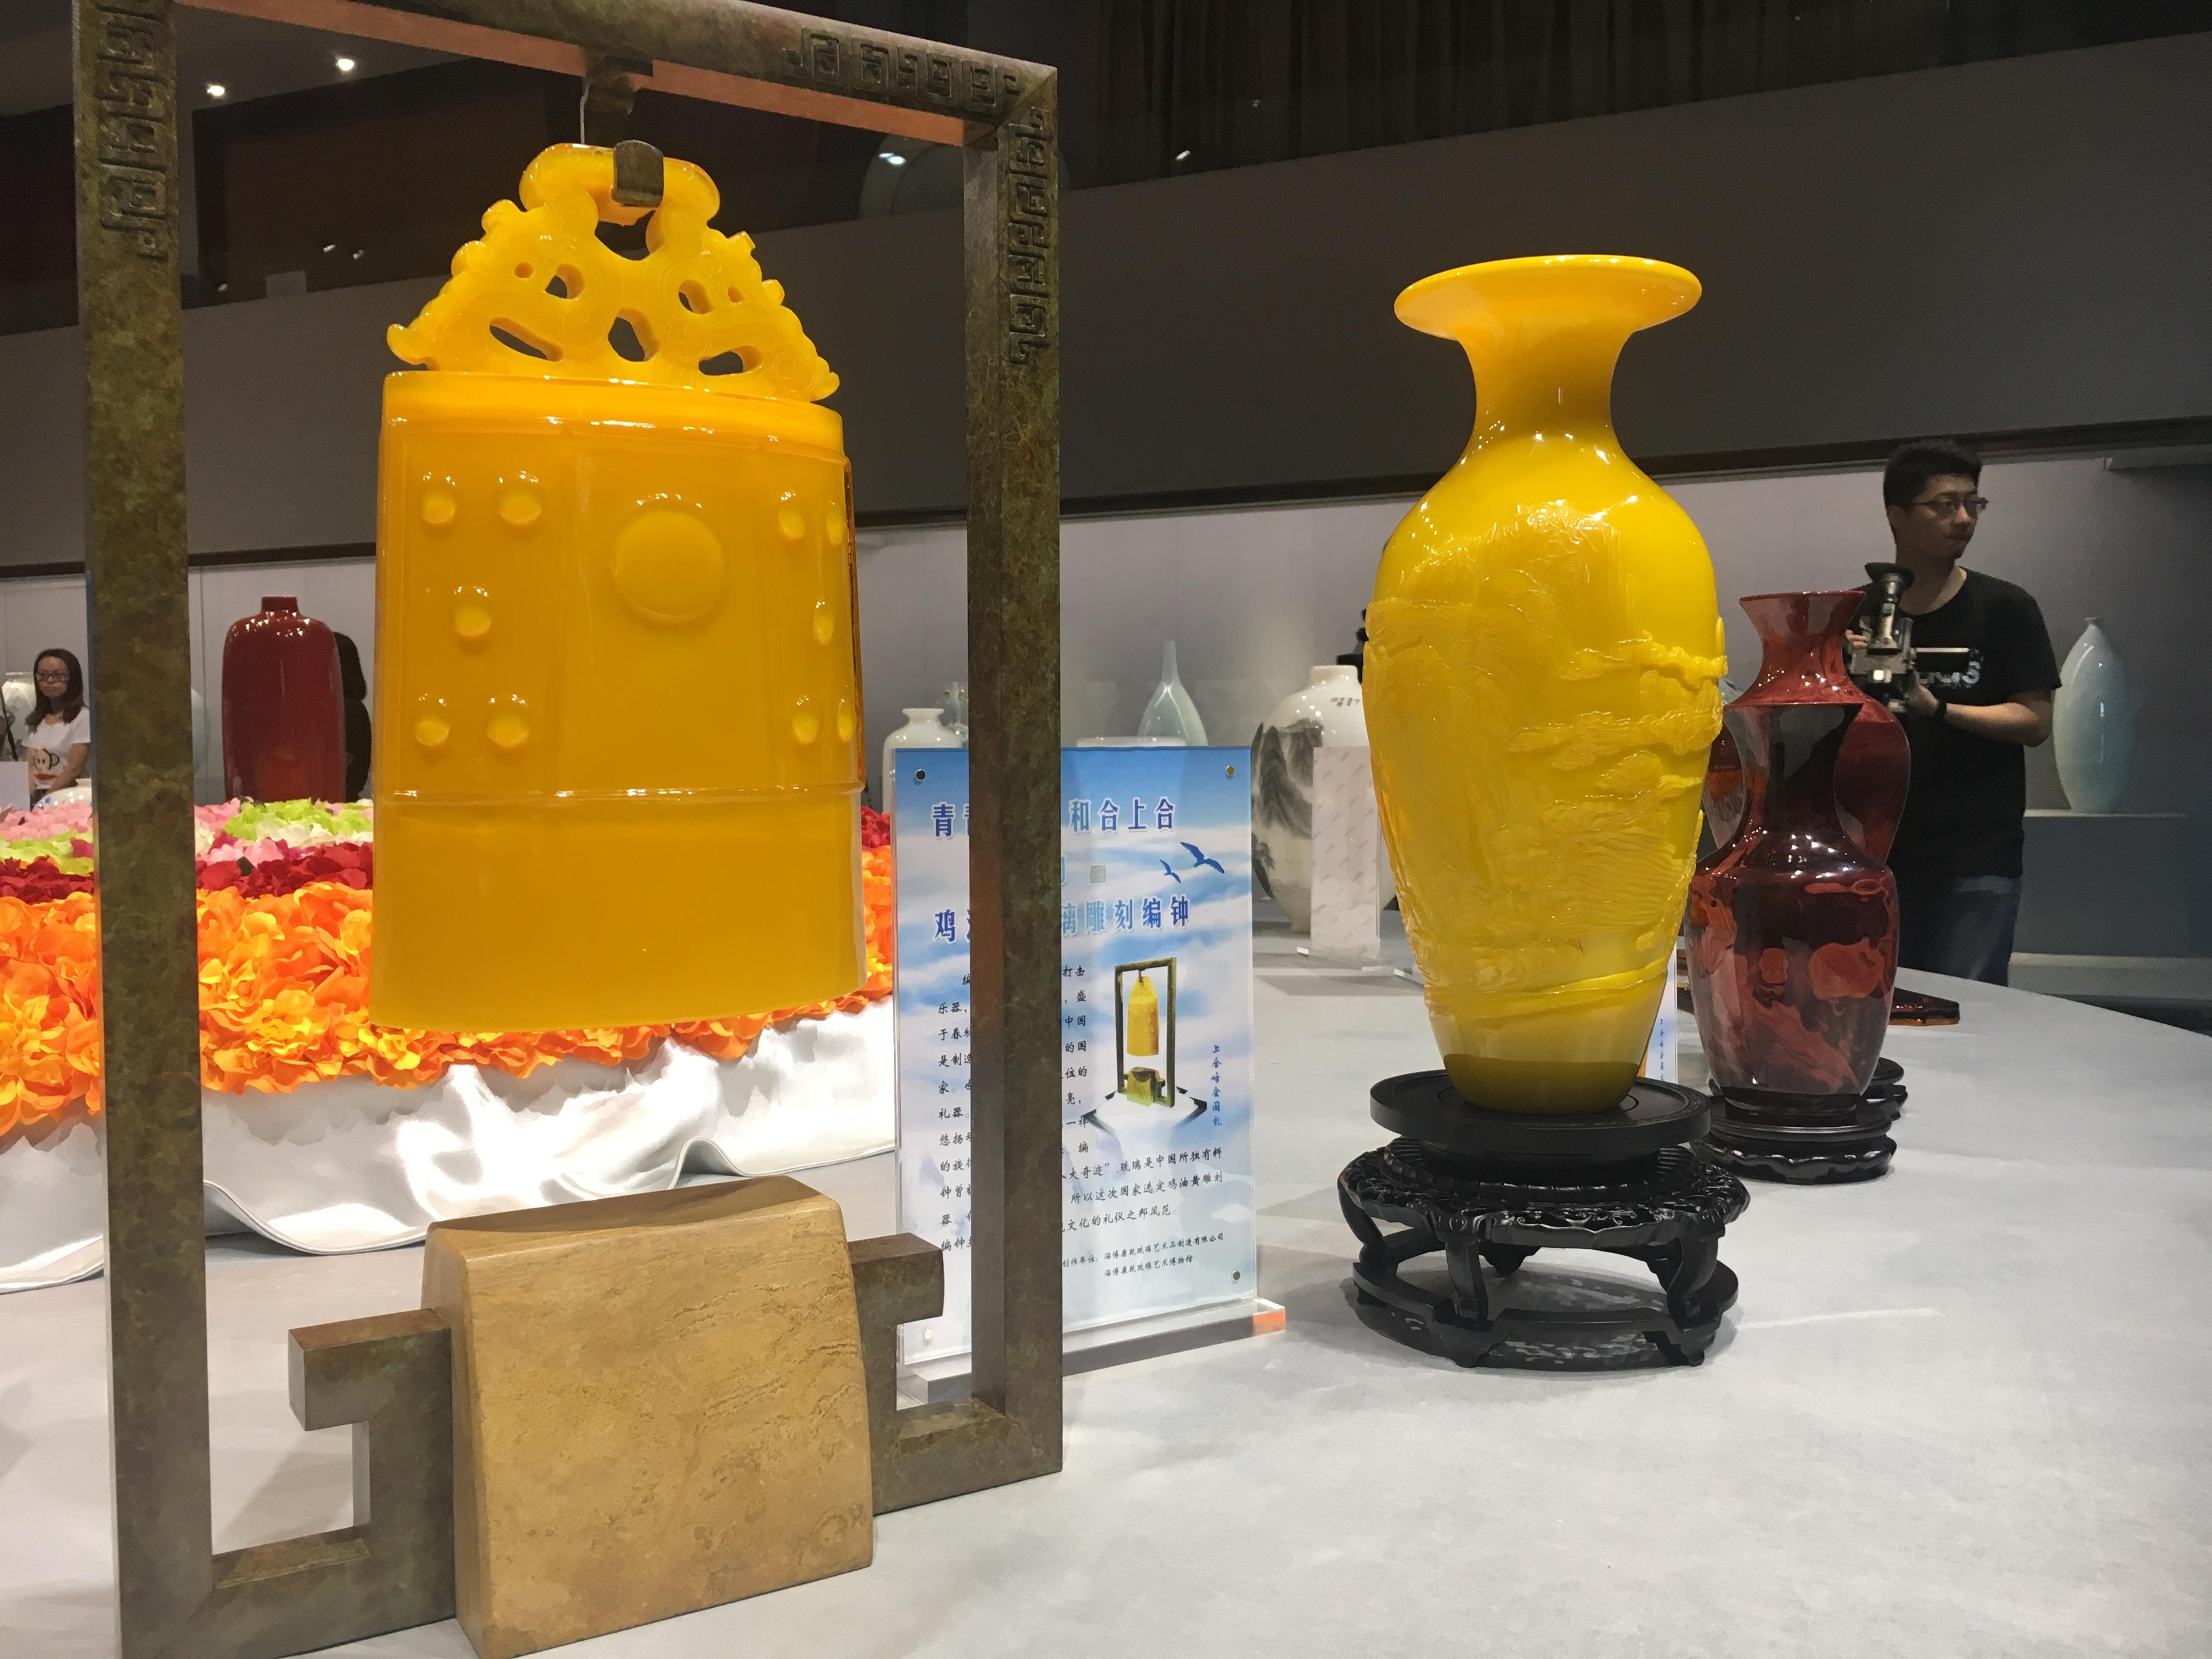 惊艳!上合峰会上的这些餐具、摆件均来自淄博